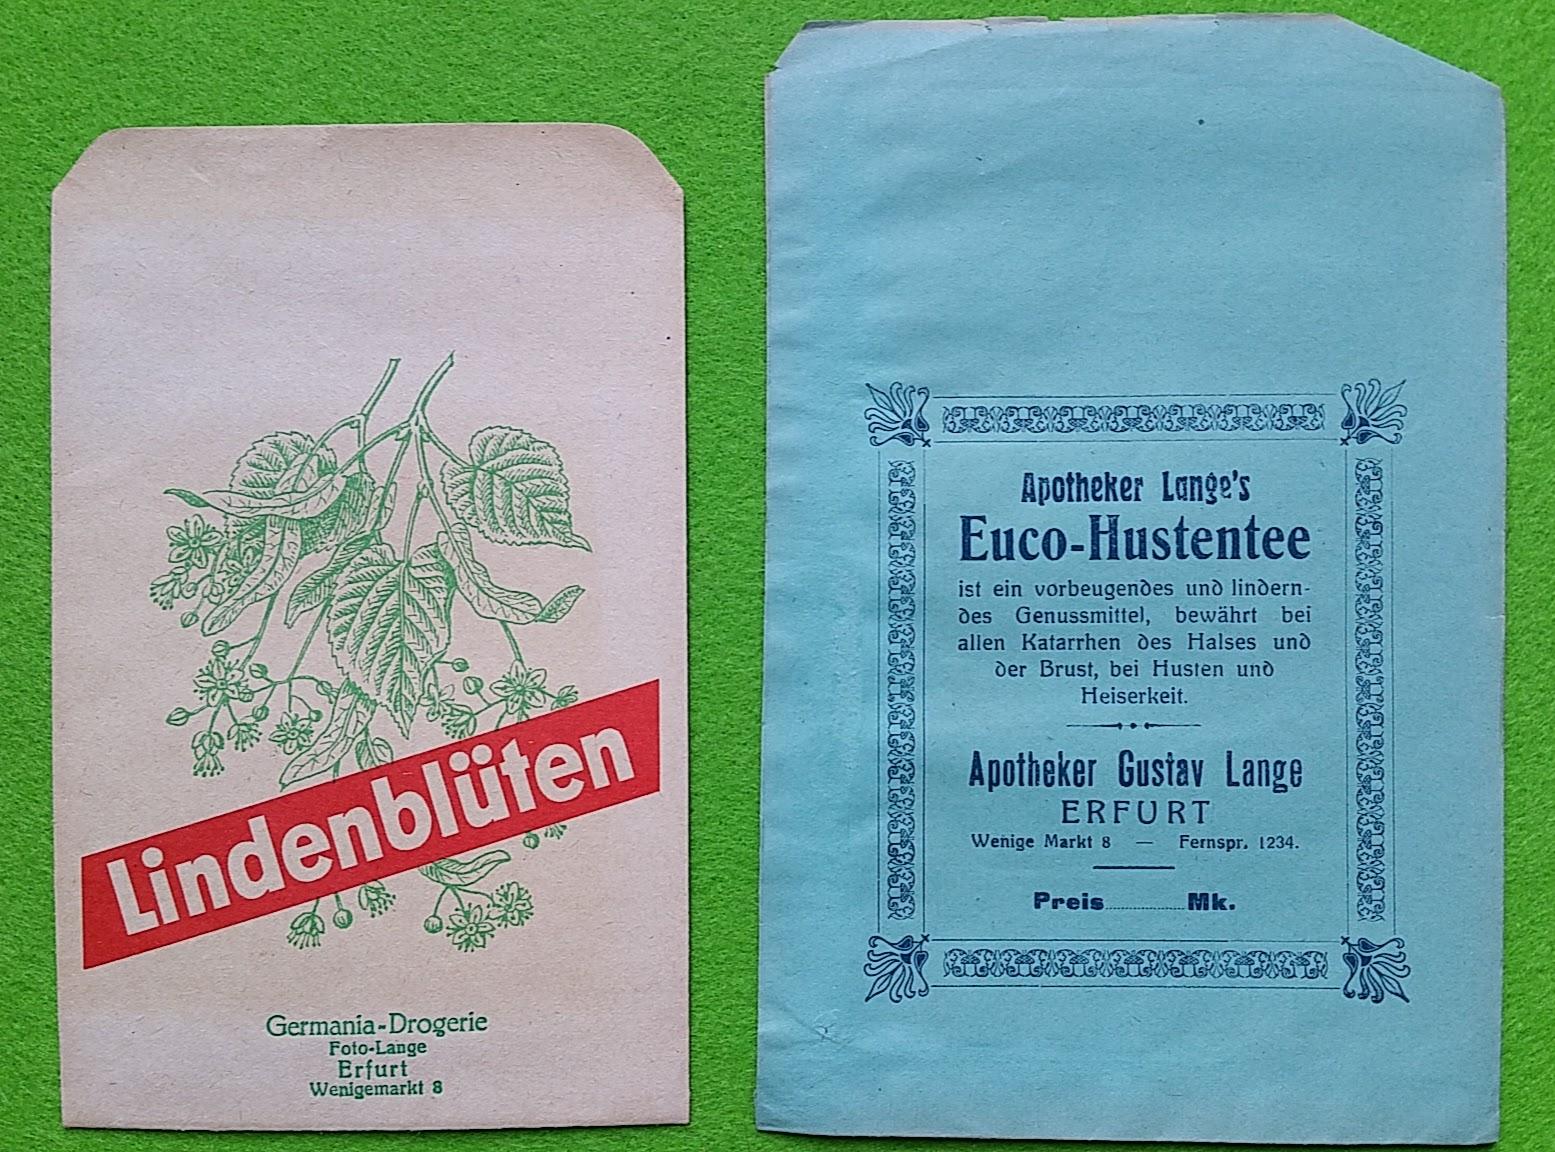 Papiertüten aus der Drogerie und Apotheke - Lindenblüten und Hustentee